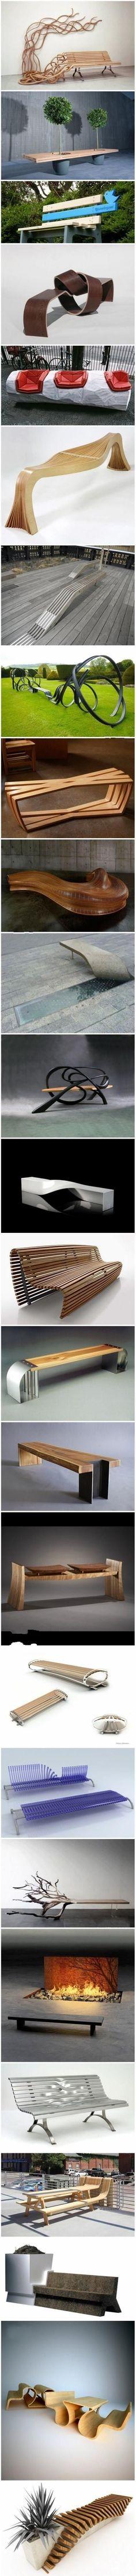 26 excellent public benches design: